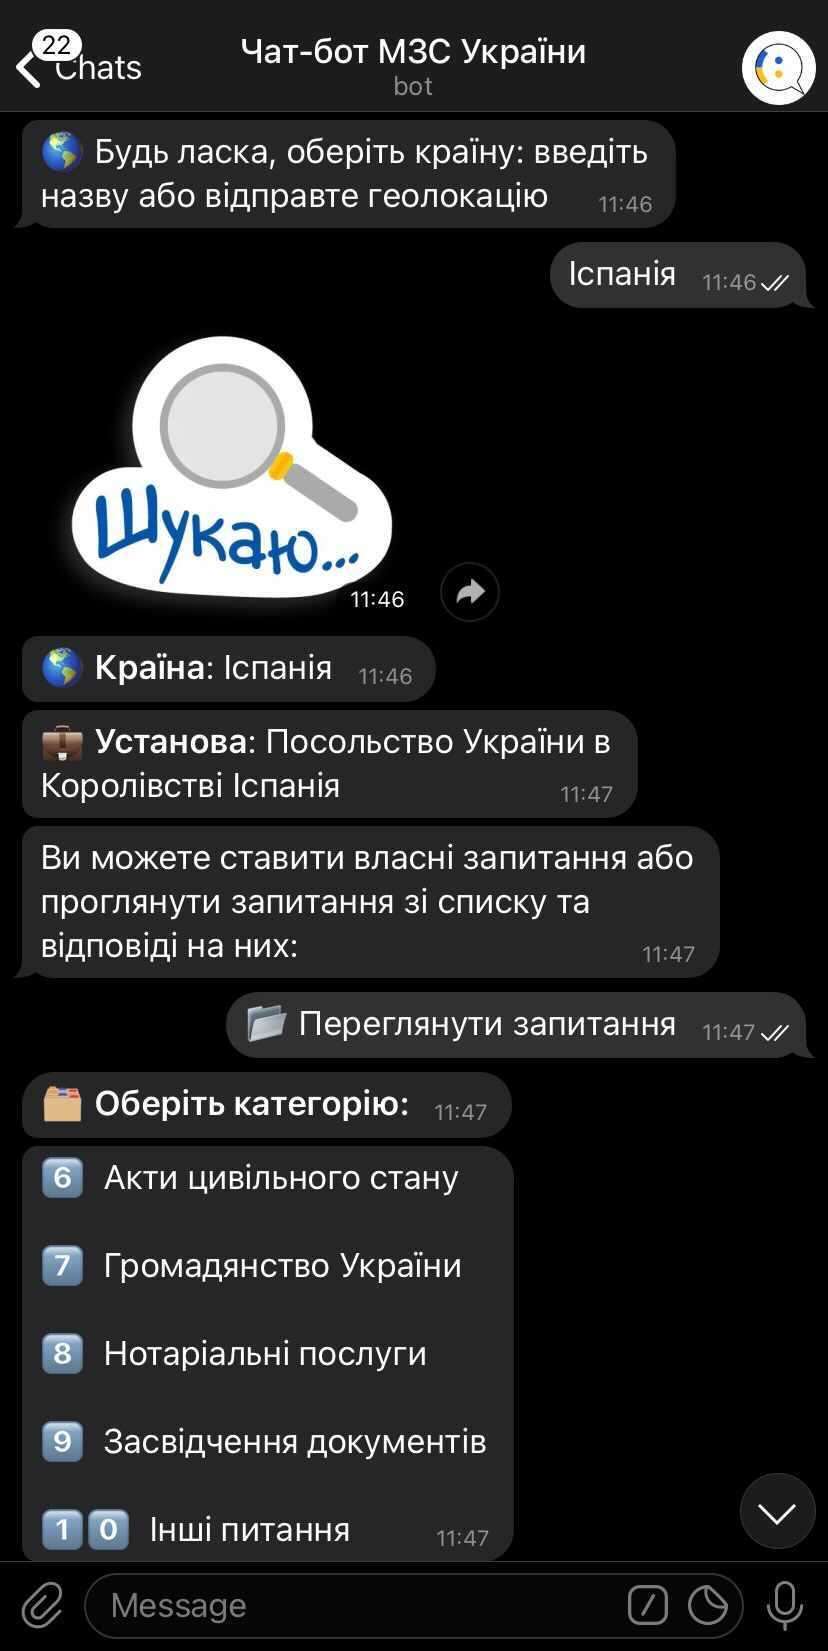 Скриншот — чат-бот МИДа Украины.